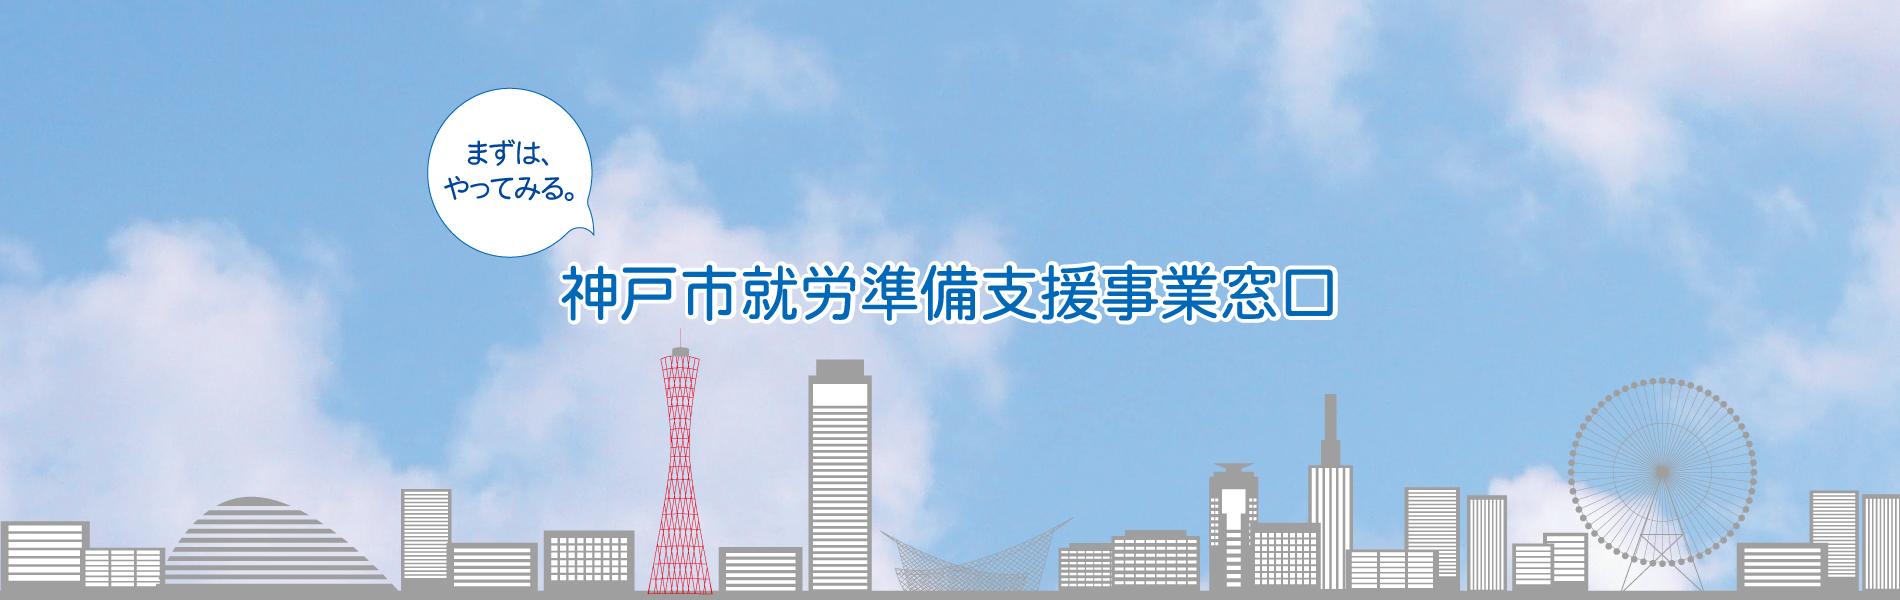 神戸市就労準備支援事業窓口